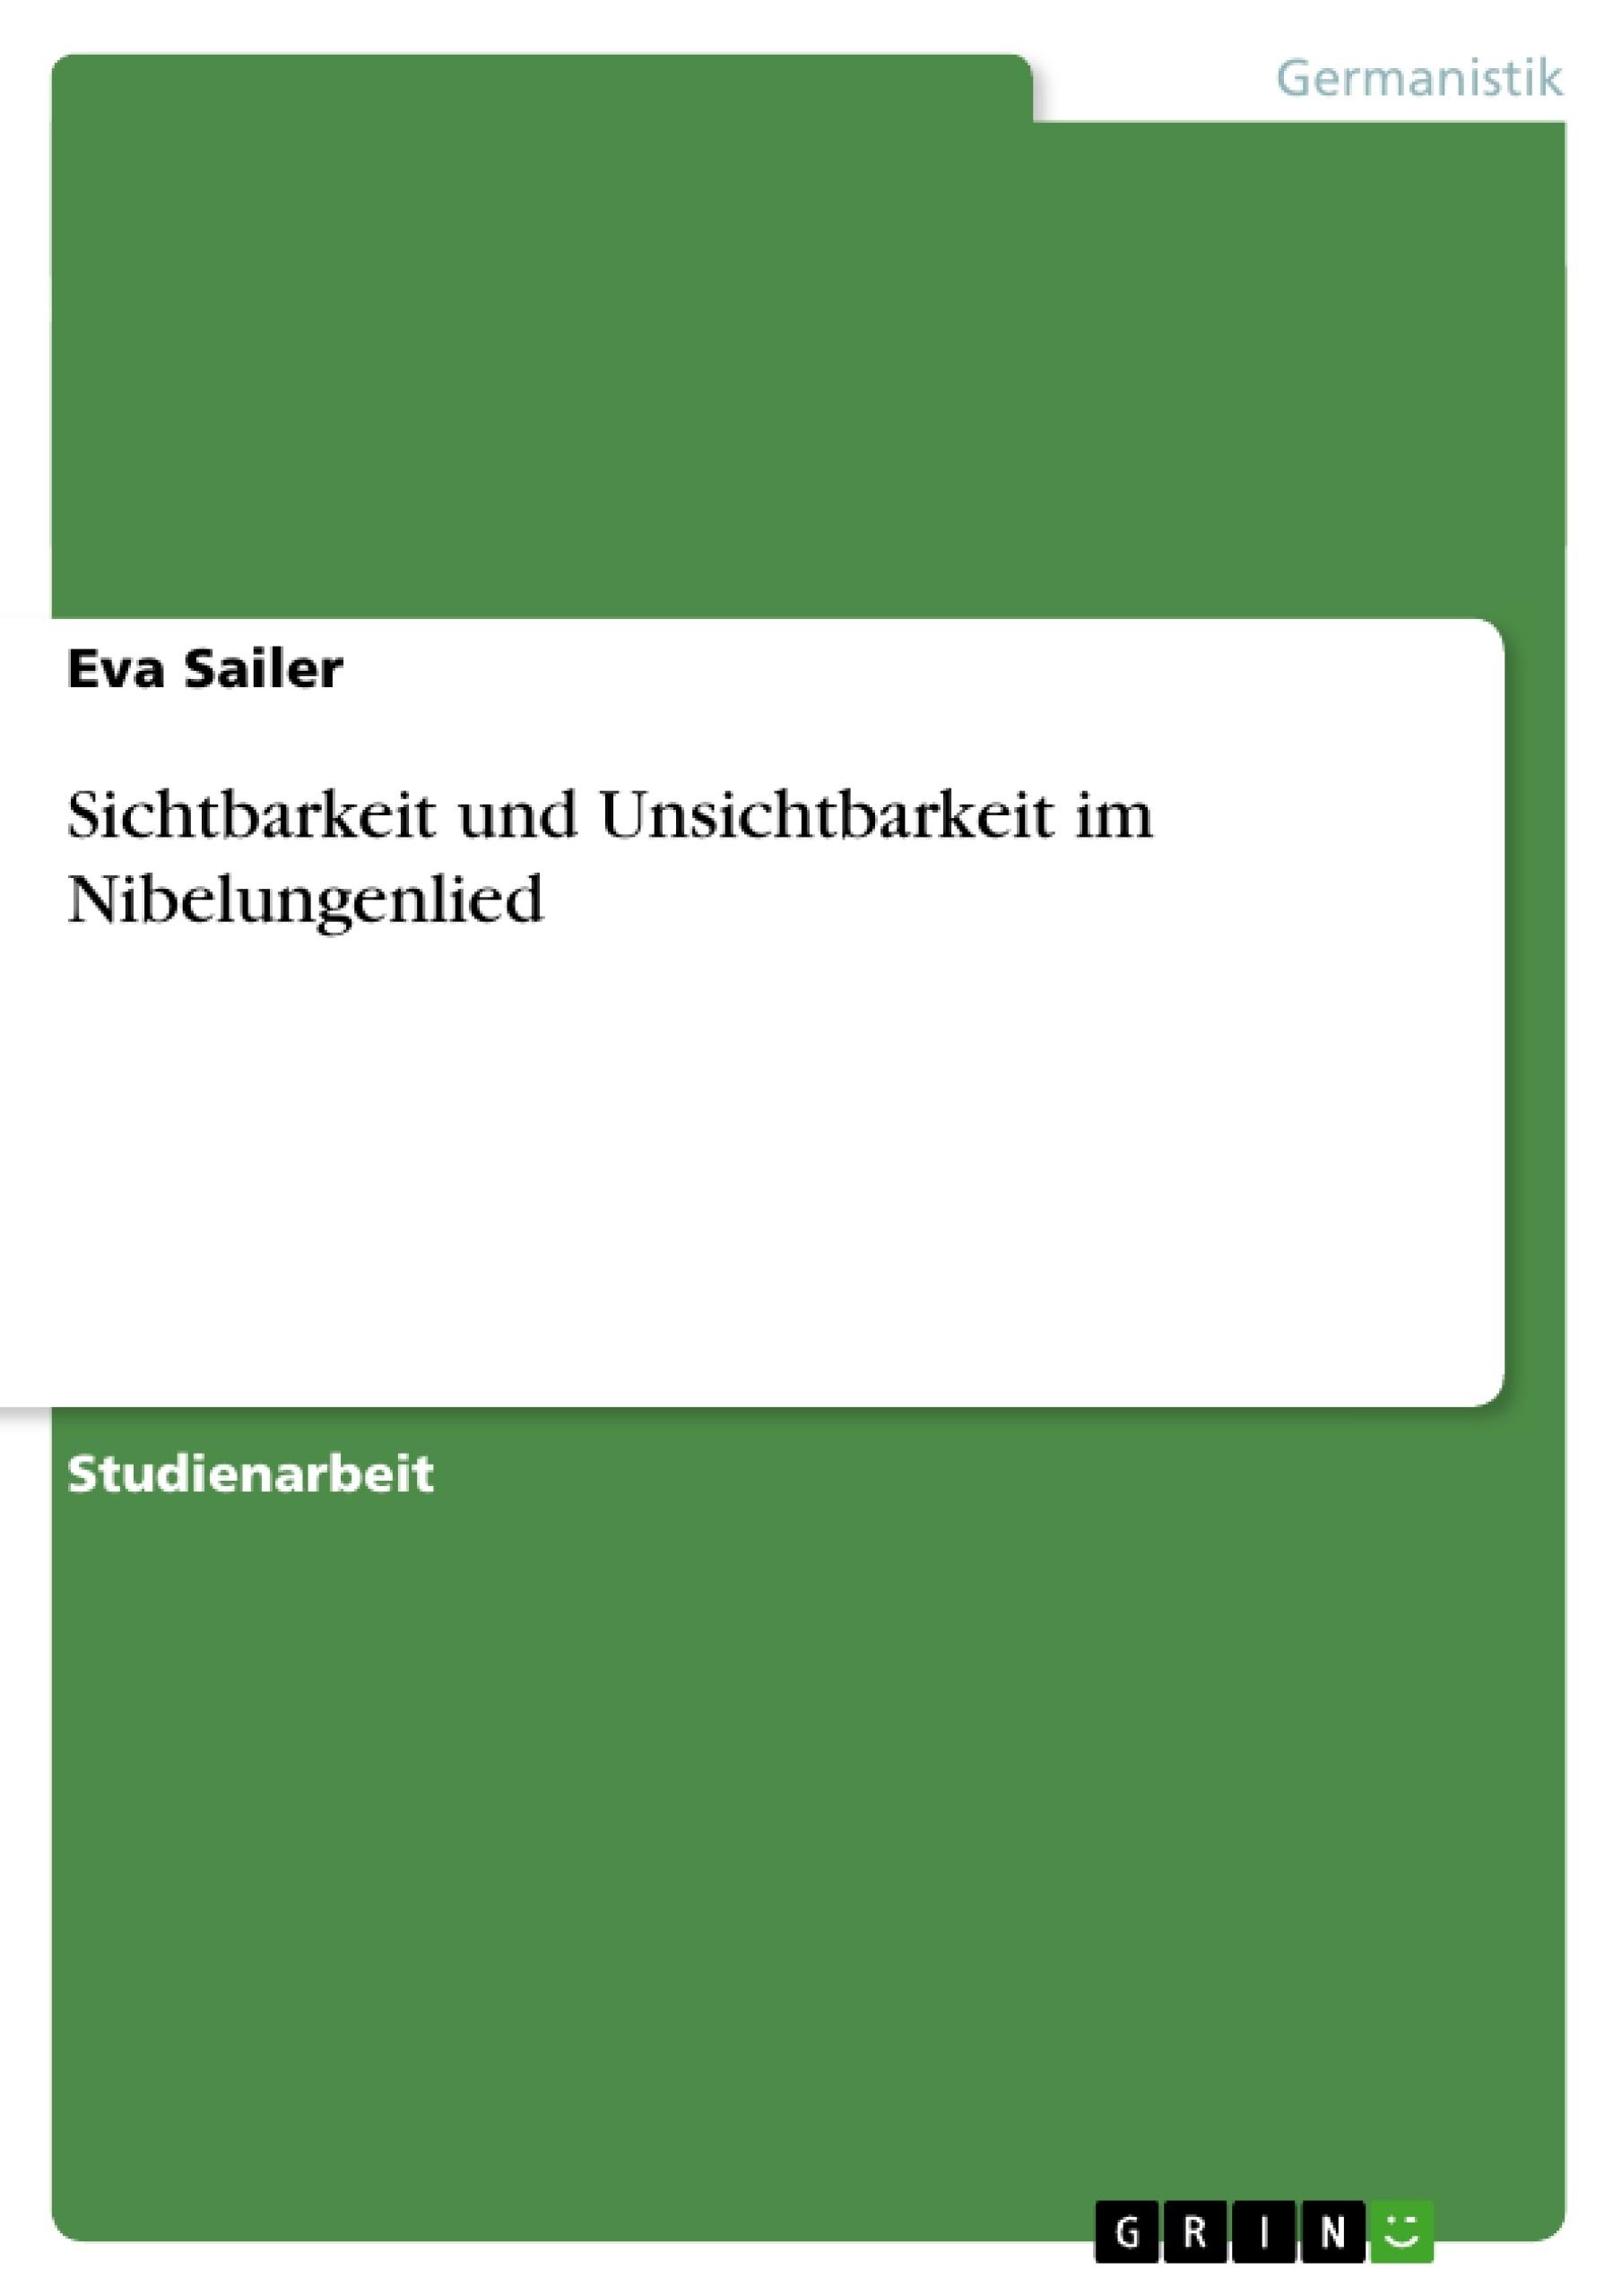 Titel: Sichtbarkeit und Unsichtbarkeit im Nibelungenlied